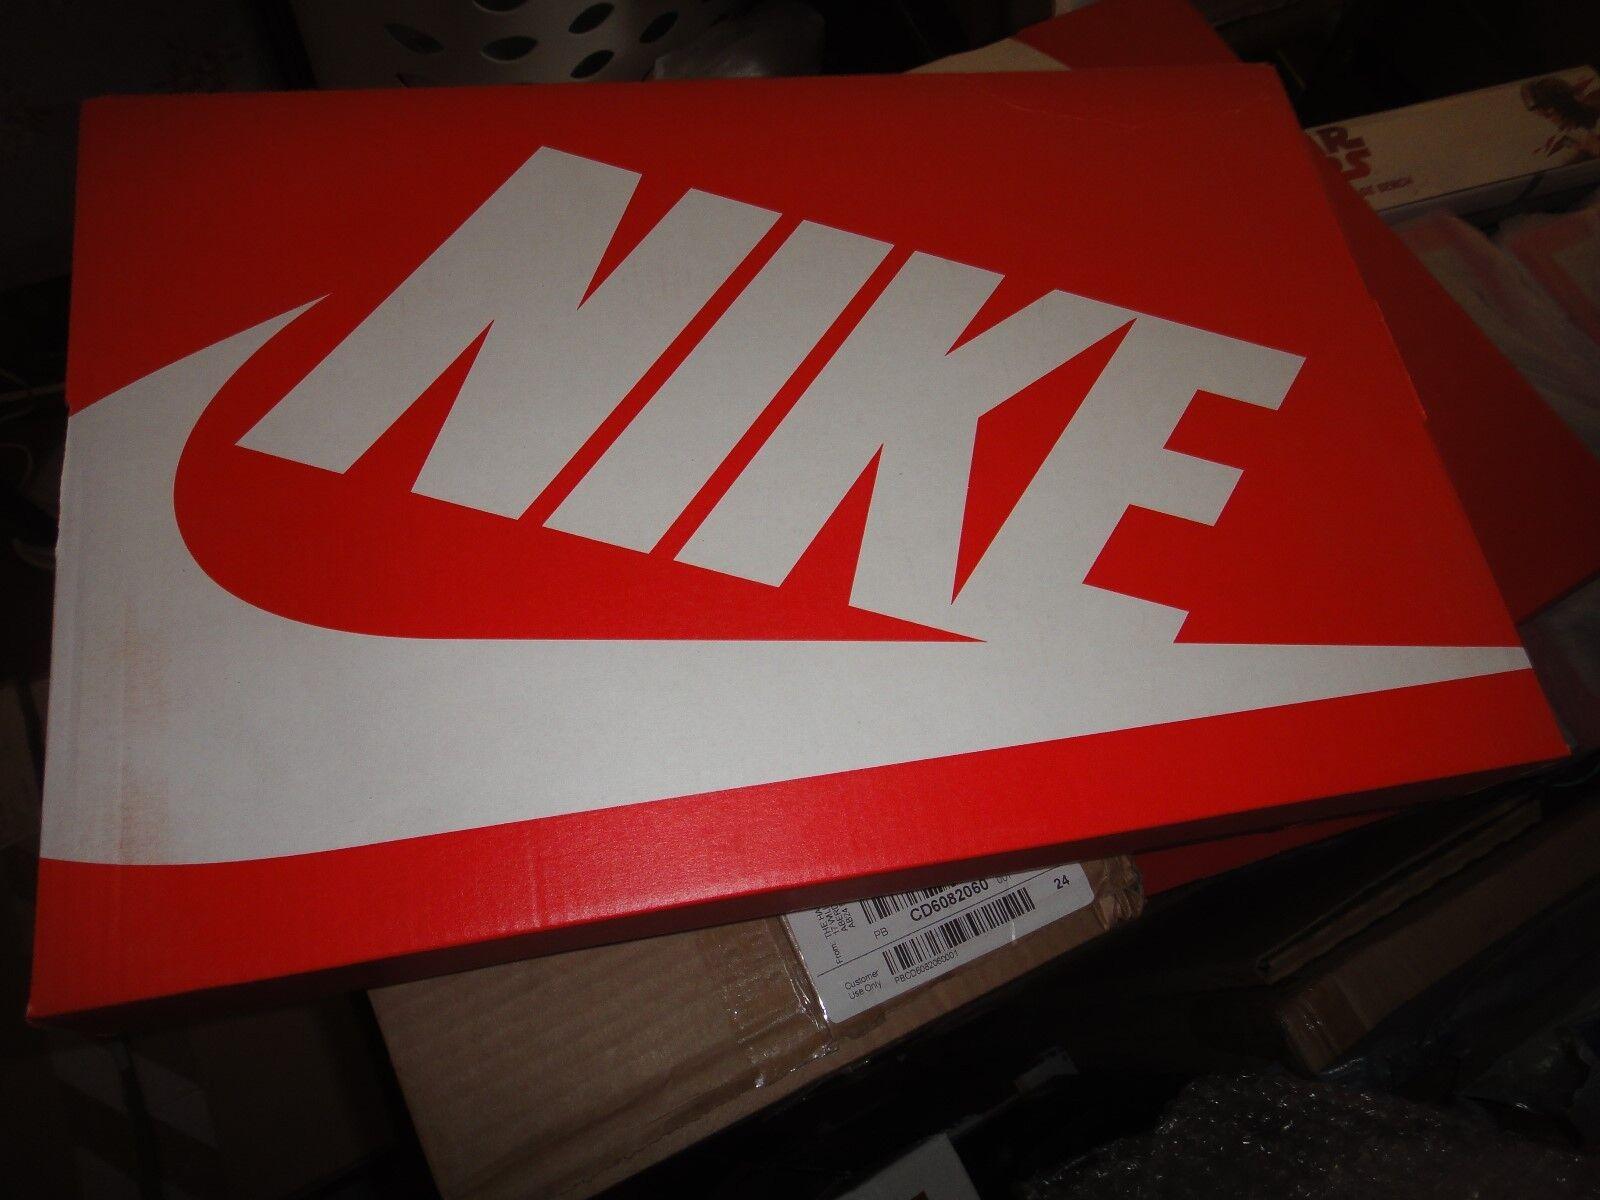 Più Più Più soldi Nike Air sterlina inglese BARLEY grigio & Jade Nero Taglia 9 RARO    | prendere in considerazione  | Uomo/Donna Scarpa  e74dfc